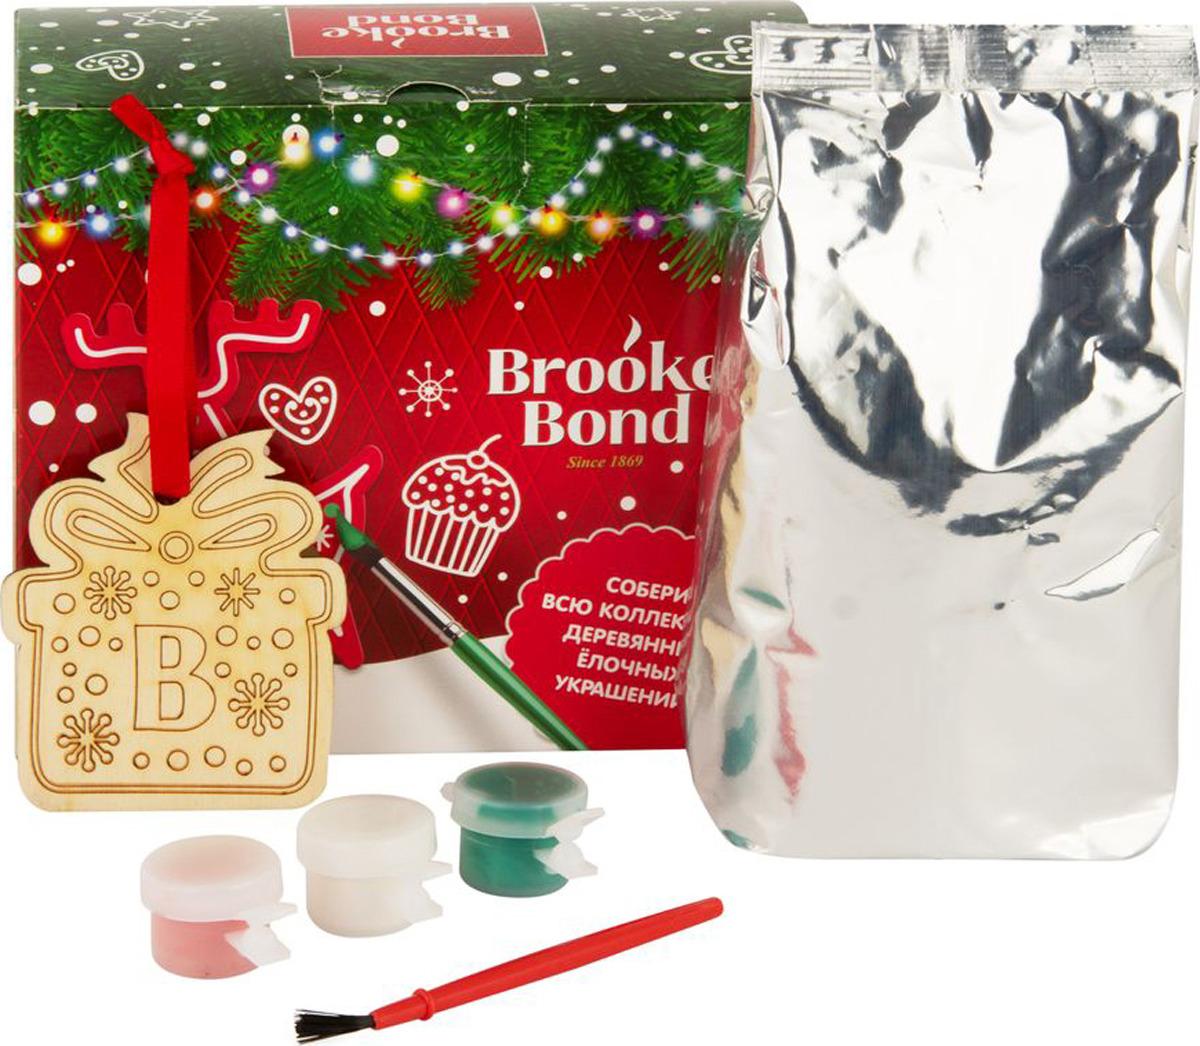 Brooke Bond чай елочное украшение с красками, 90 г недорго, оригинальная цена